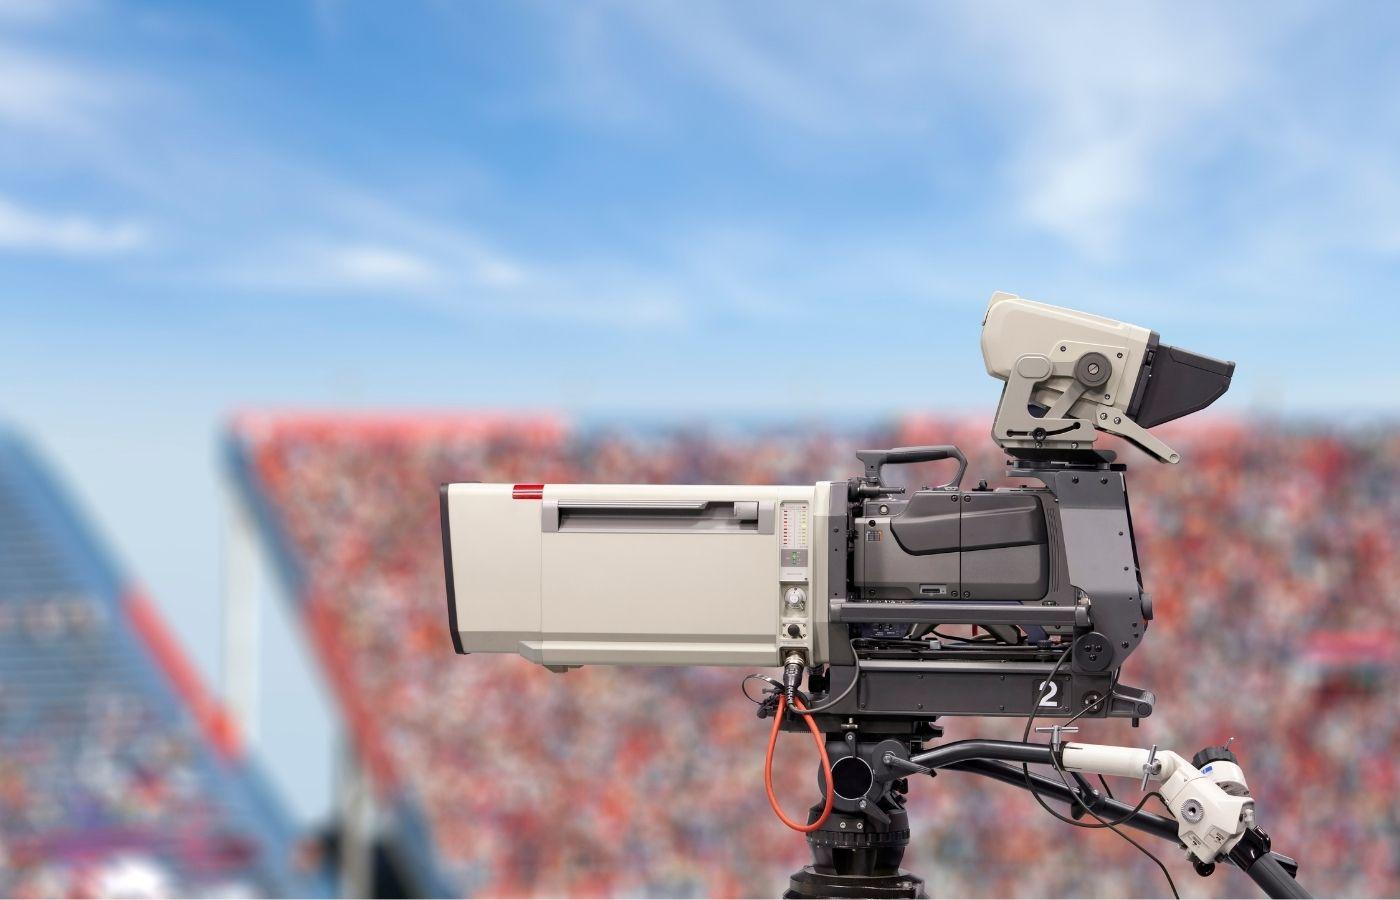 Verejnoprávna TV zaplatí za futbalov 175 miliónov | Sportbiz